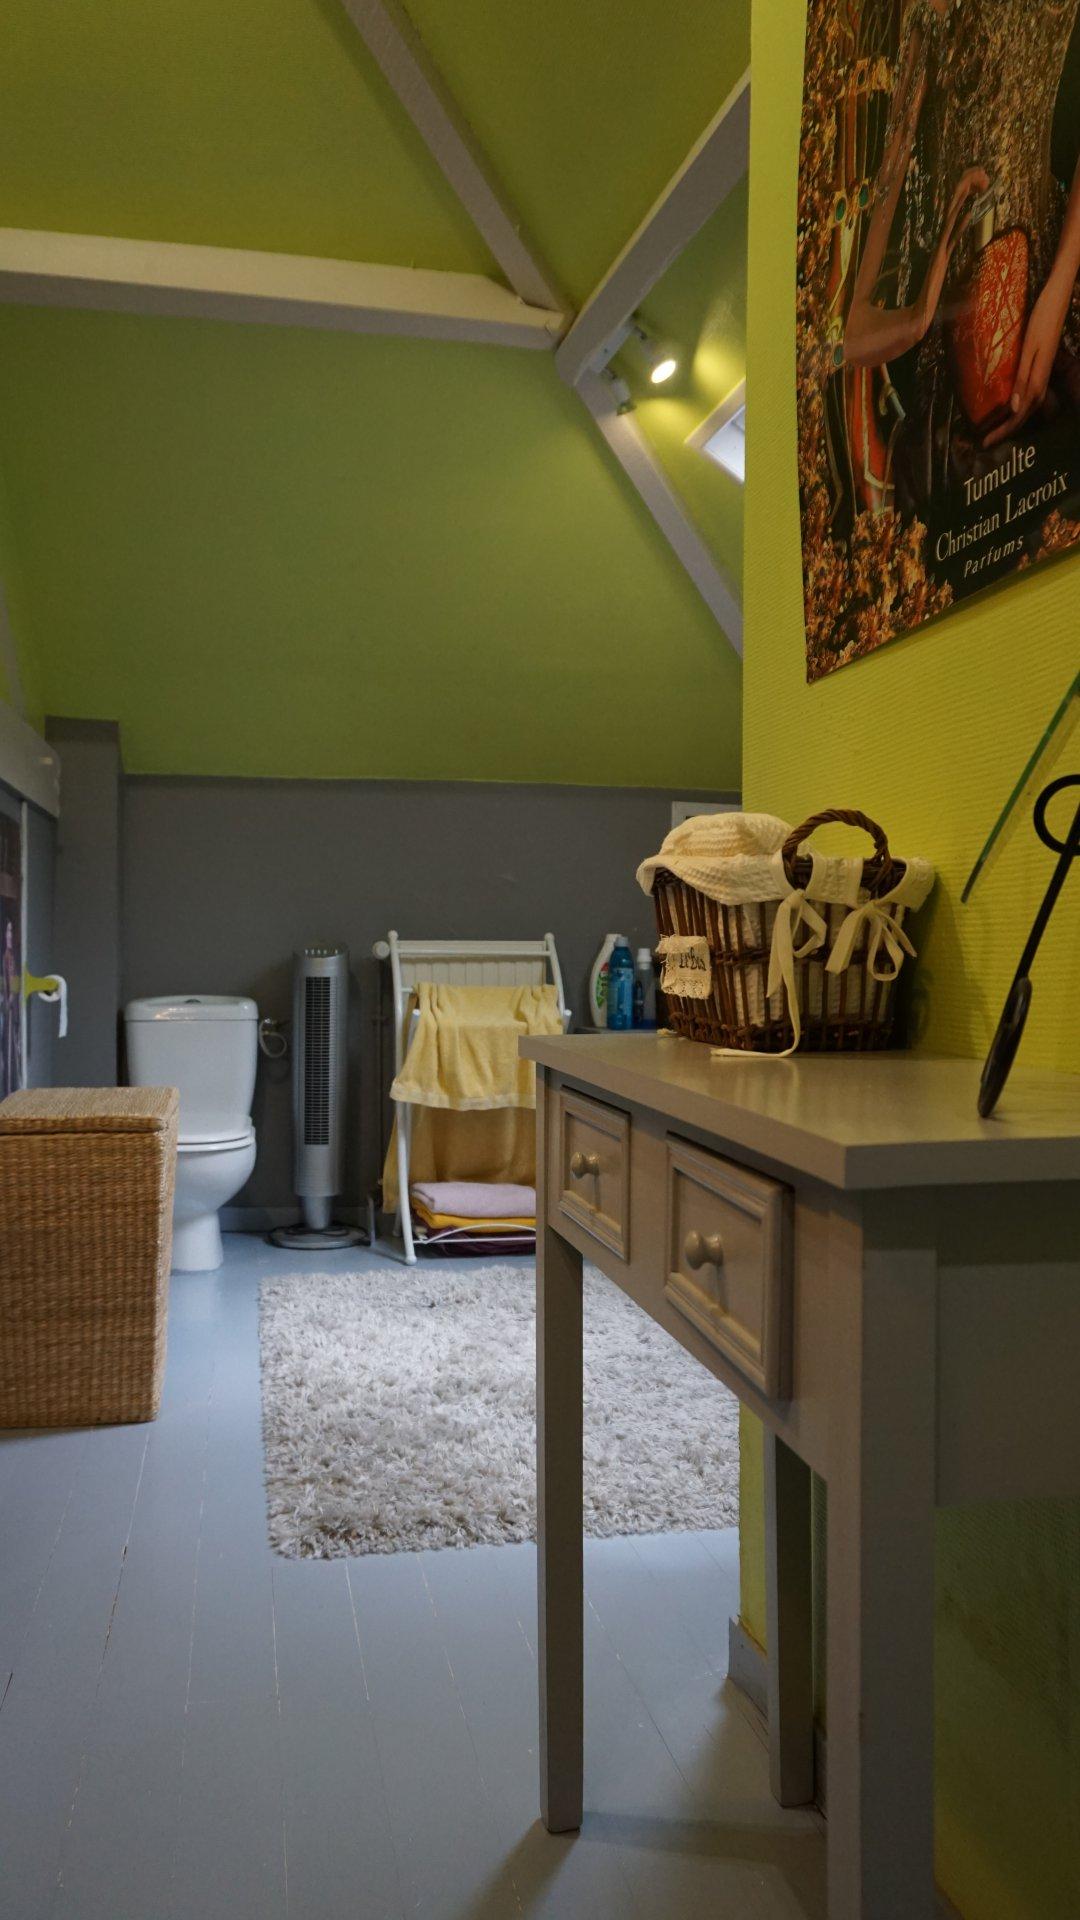 PAYS D'AUGE - CALVADOS  A LIVAROT une maison de ville avec un jardin une chambre au rez-de-chausséer avec un jardin